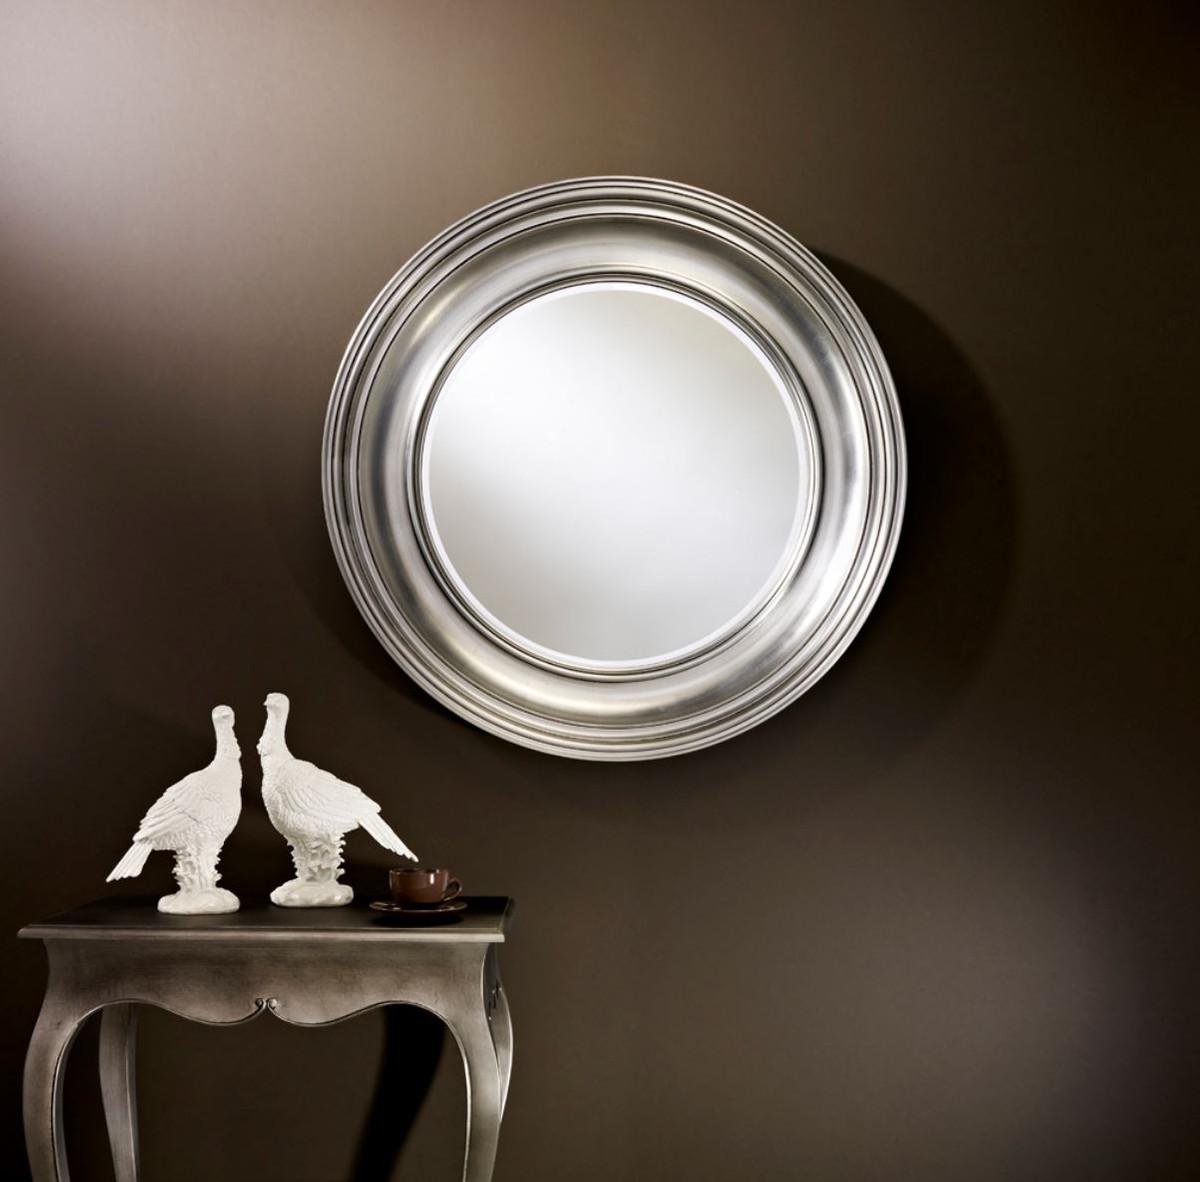 casa padrino luxus wohnzimmer spiegel silber Ø 102 cm